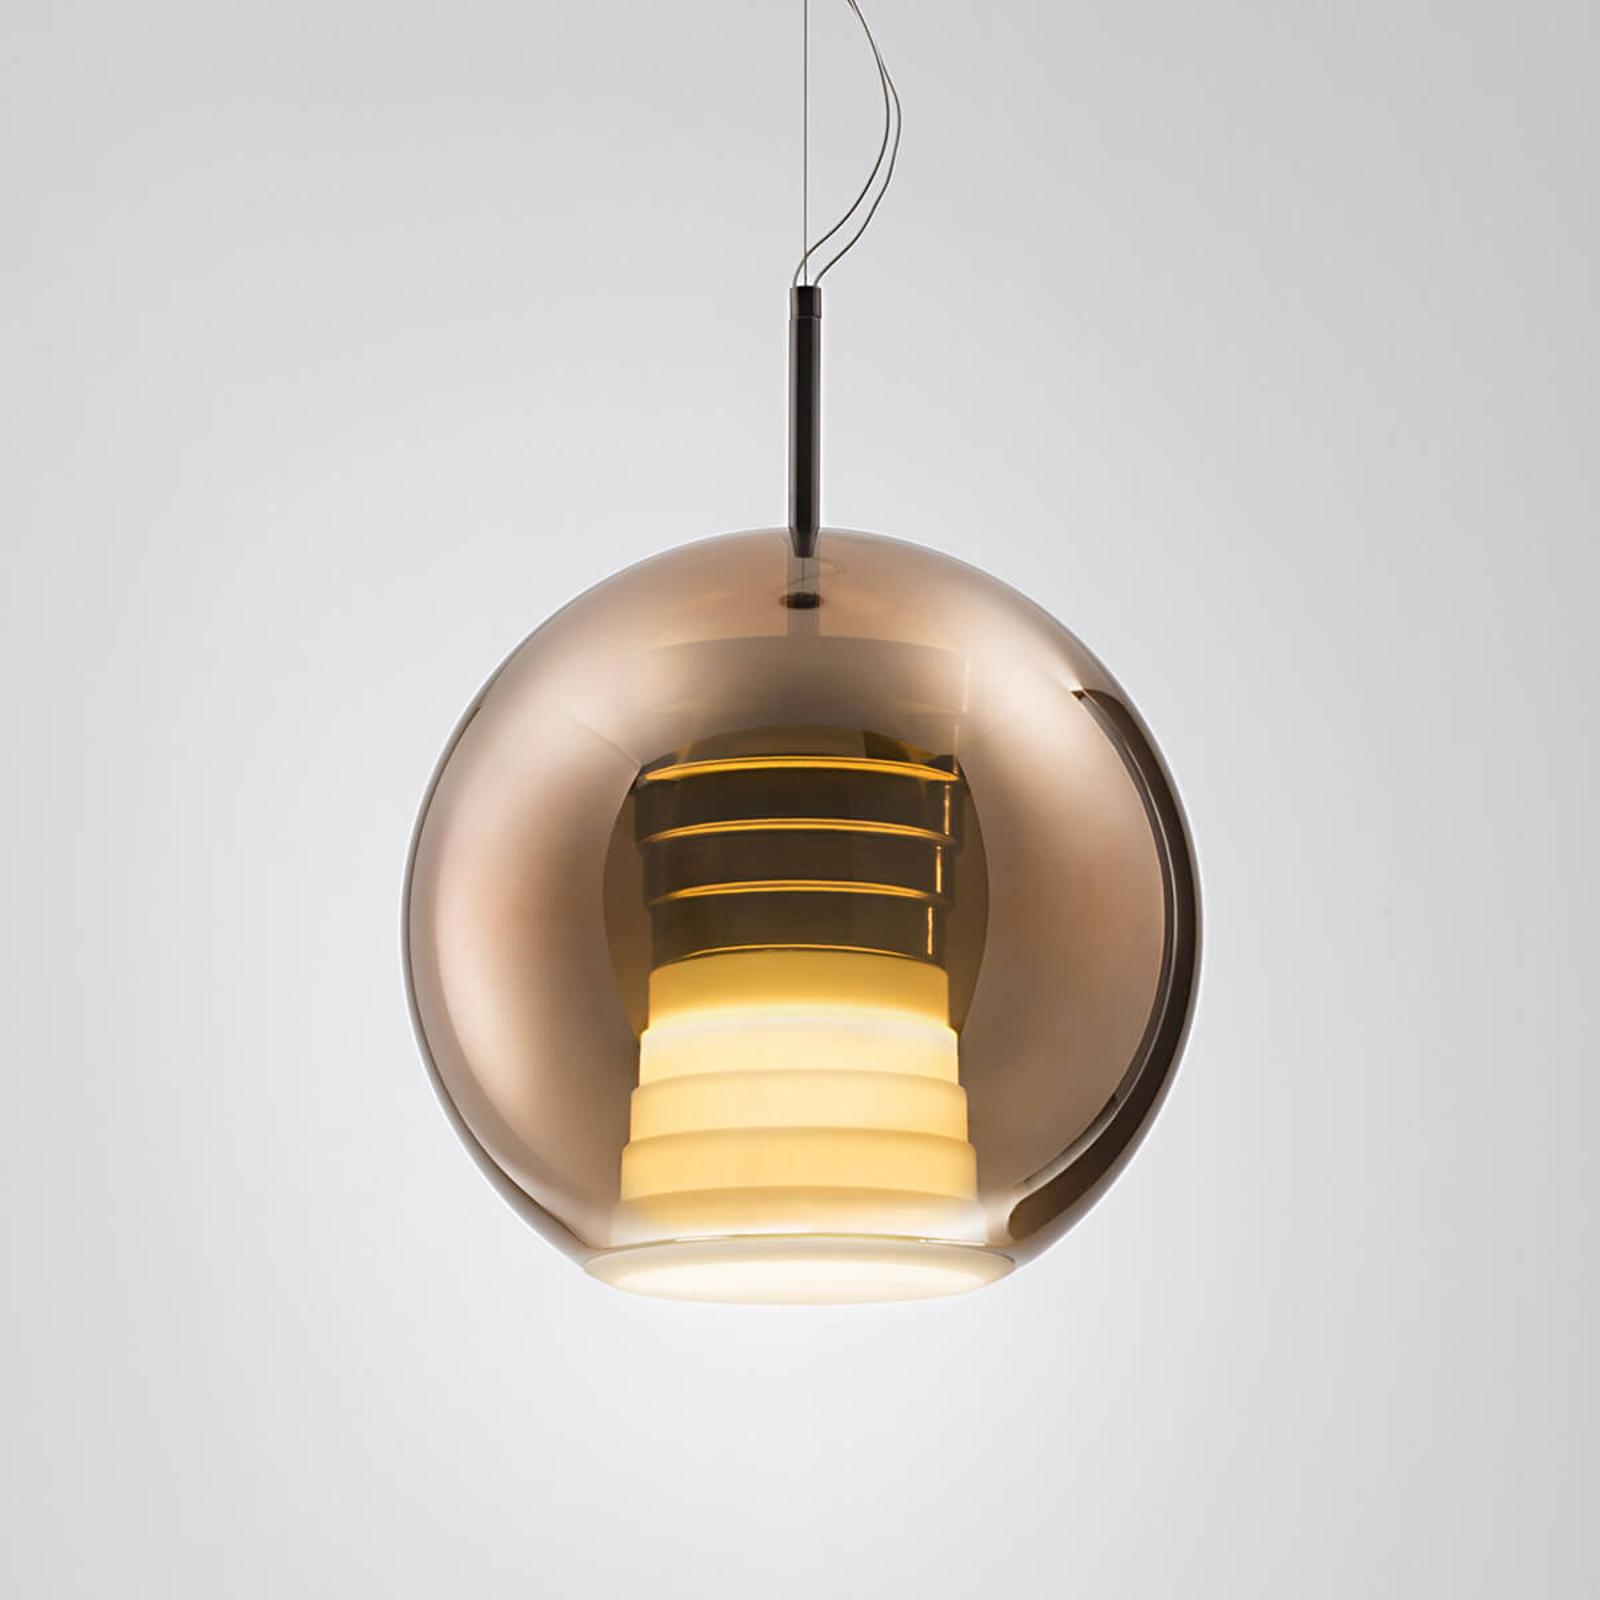 Szklana lampa wisząca Beluga Royal z LED, miedź